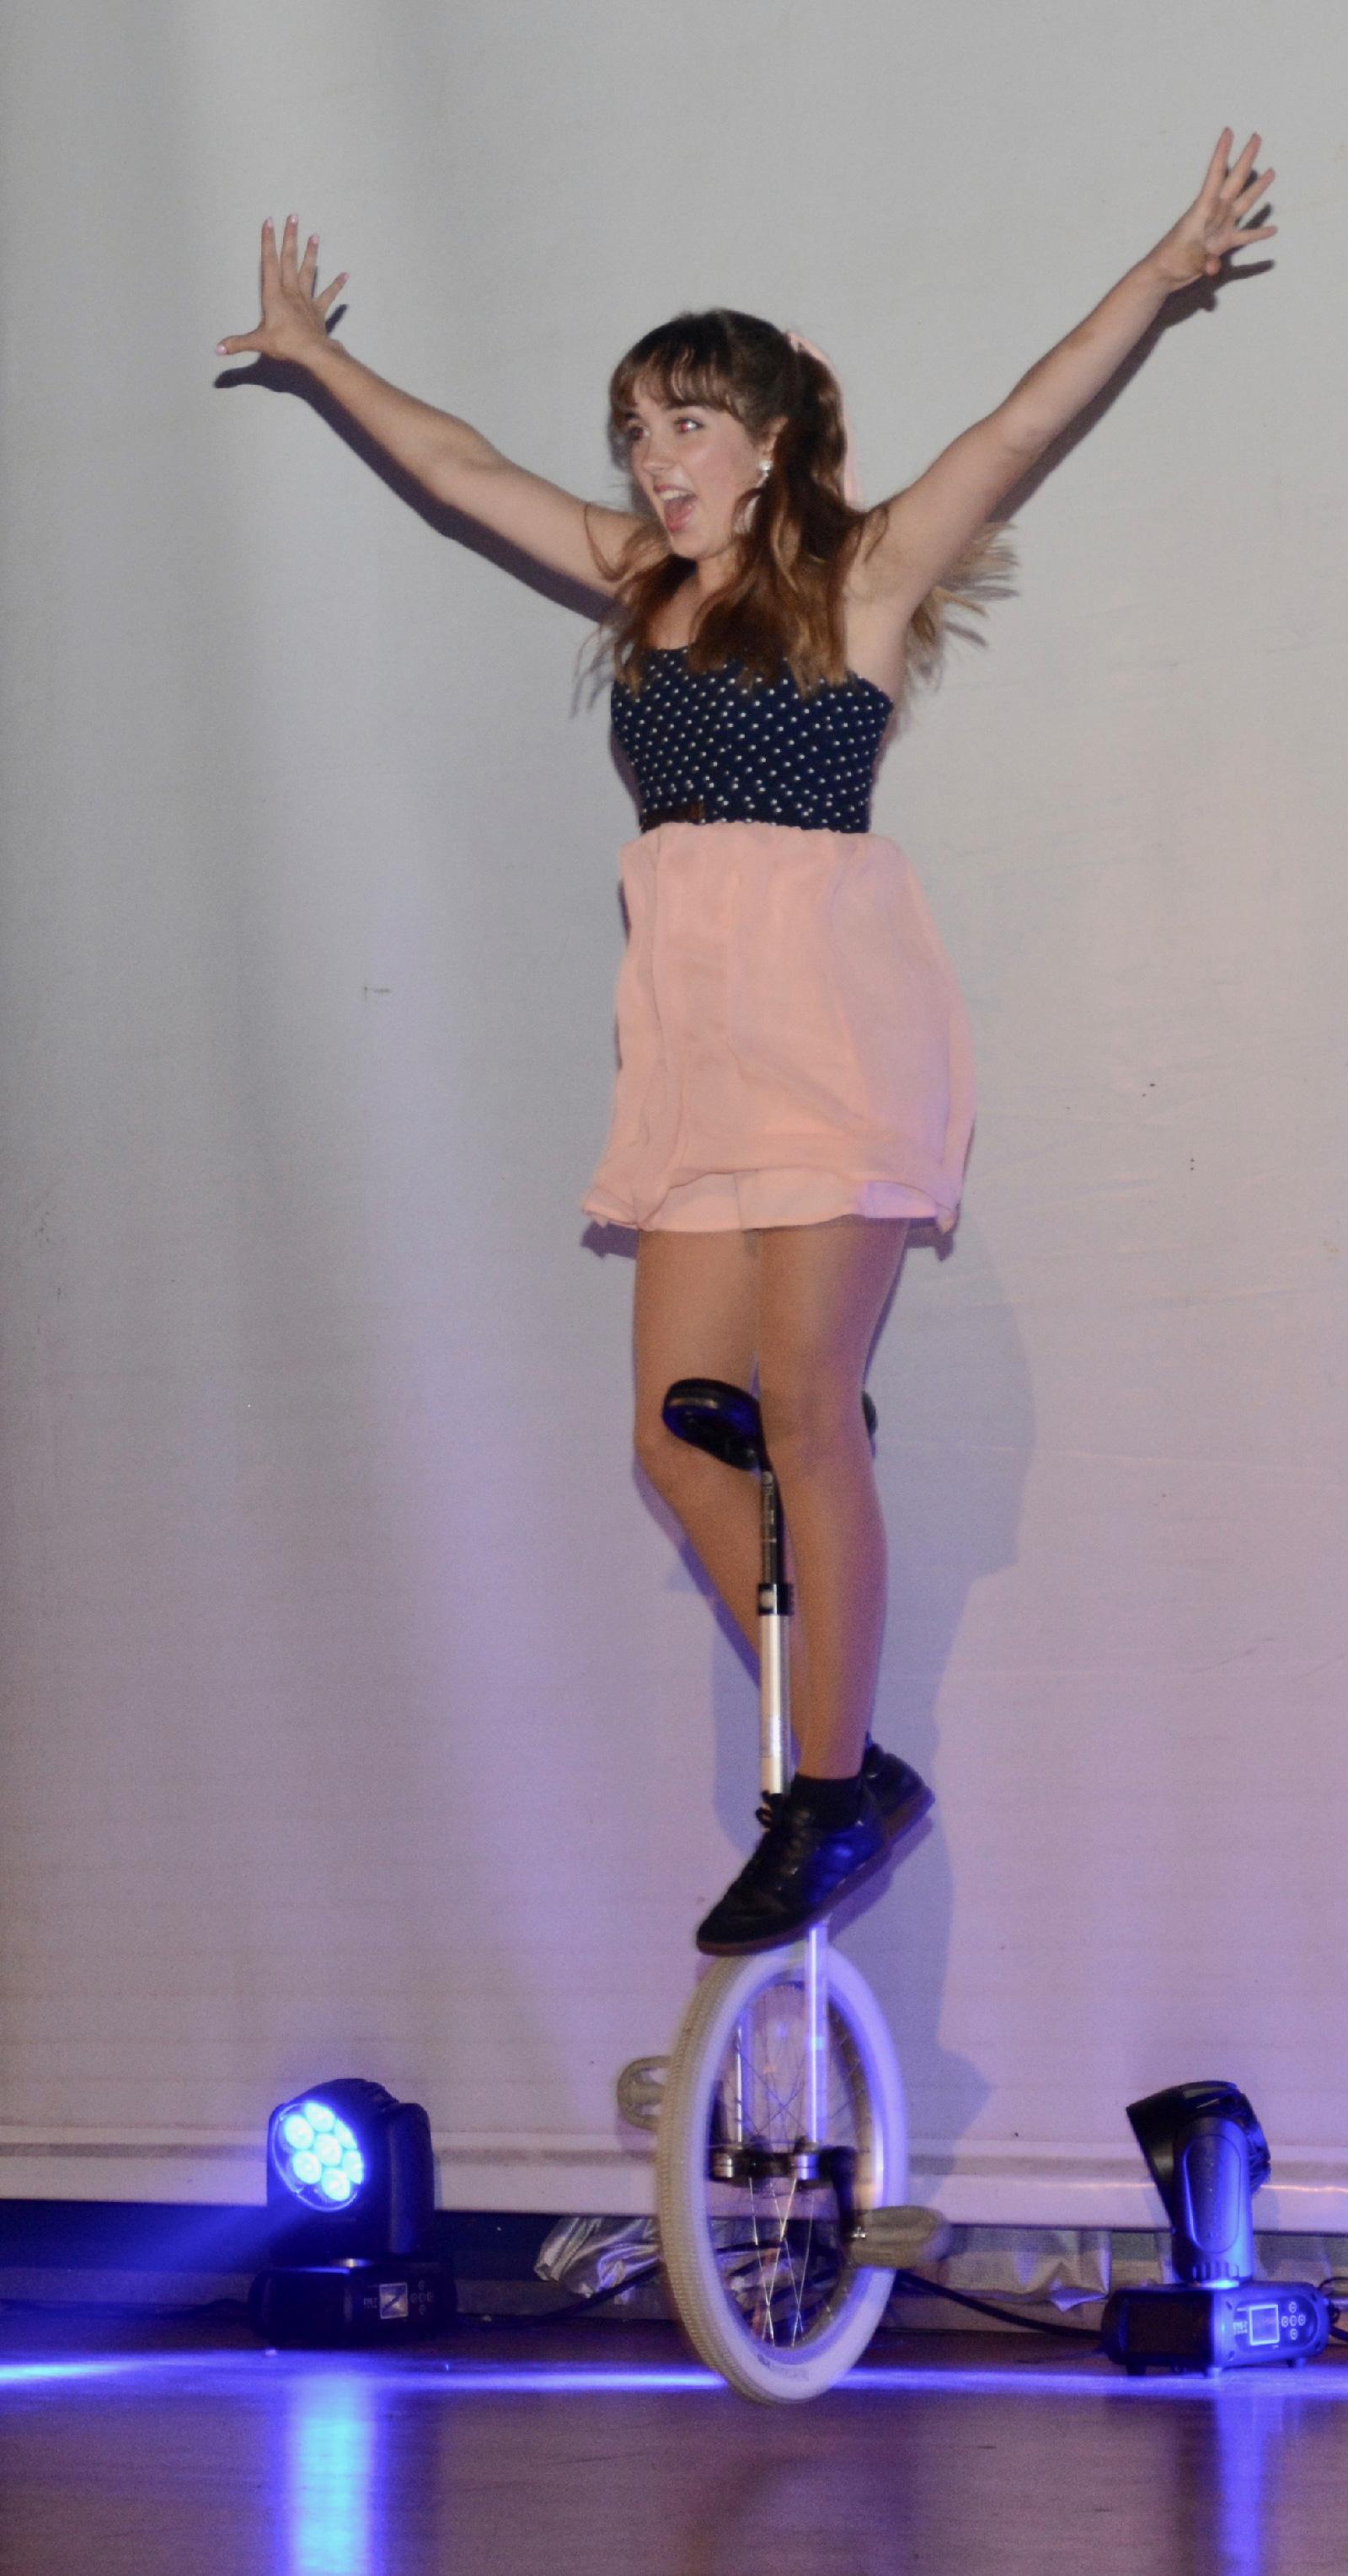 Können auf dem Einrad: Antonia Joschka, mit 16 Jahren deutsche und Vize-Europameisterin. Foto: Lorenz Märtl